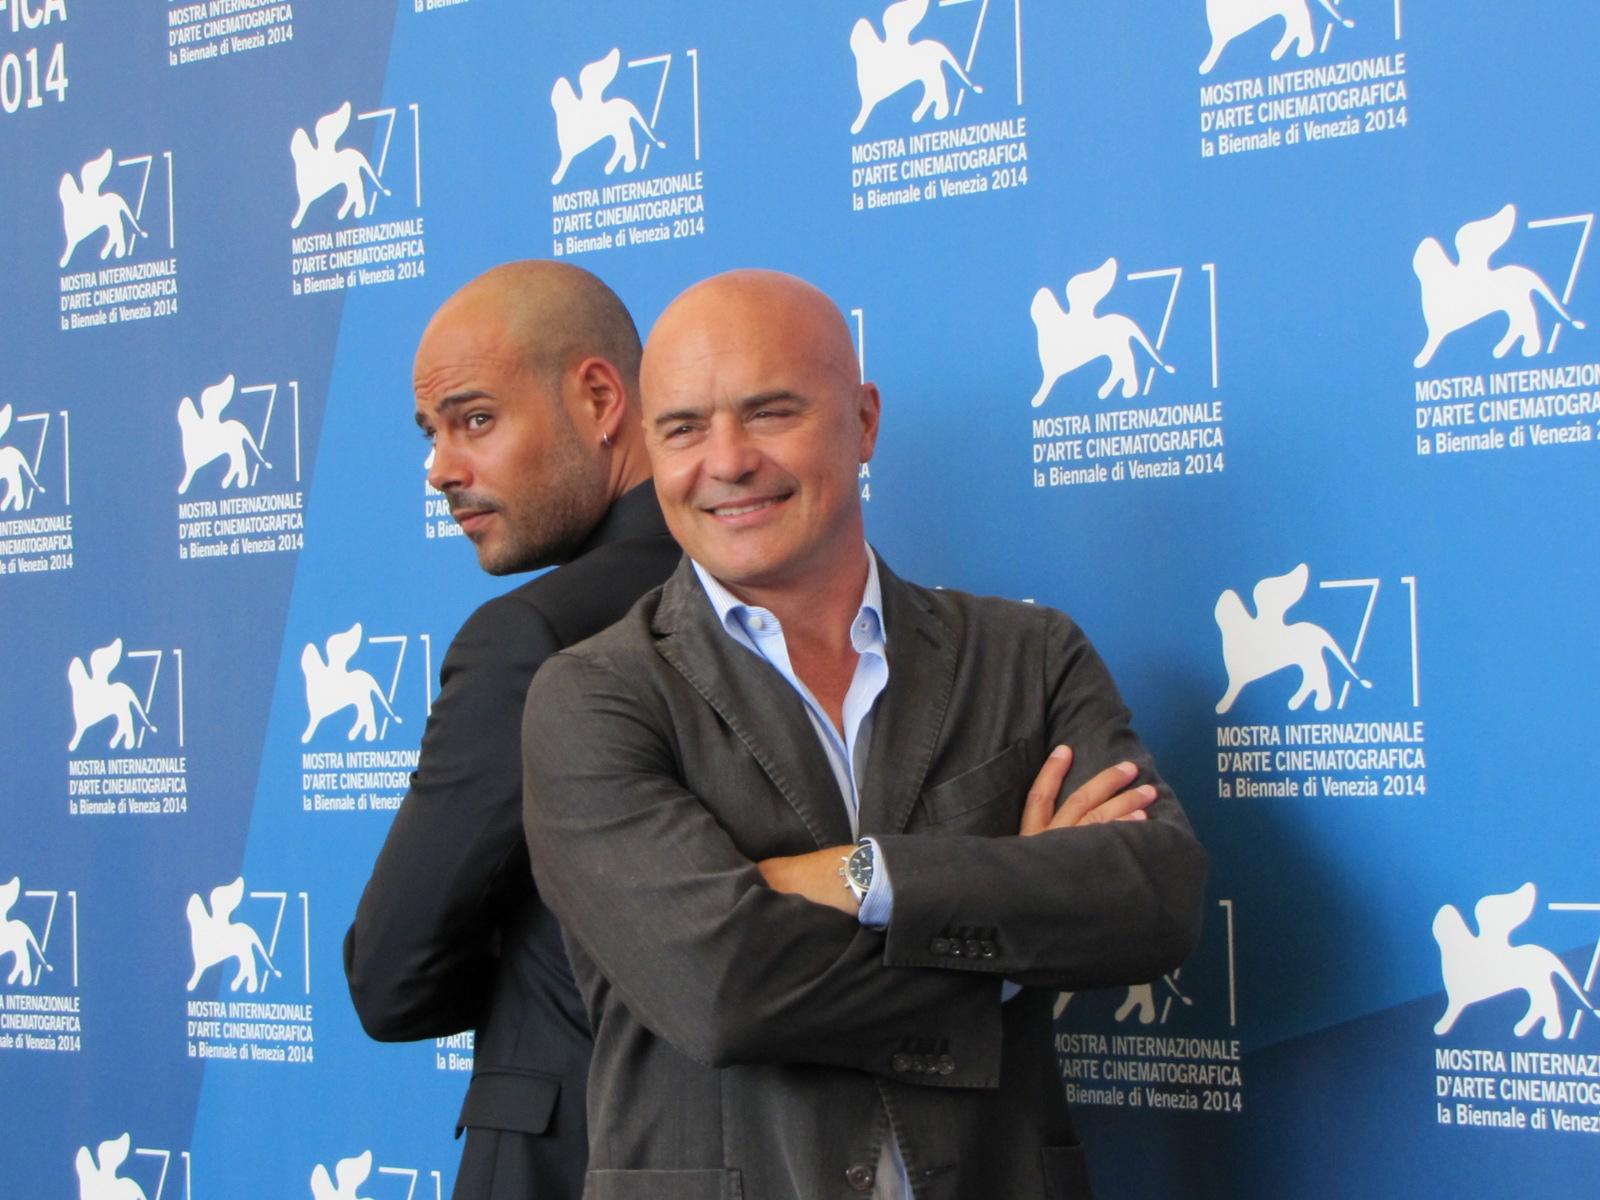 'Perez' a Venezia 2014 - i due protagonisti del film